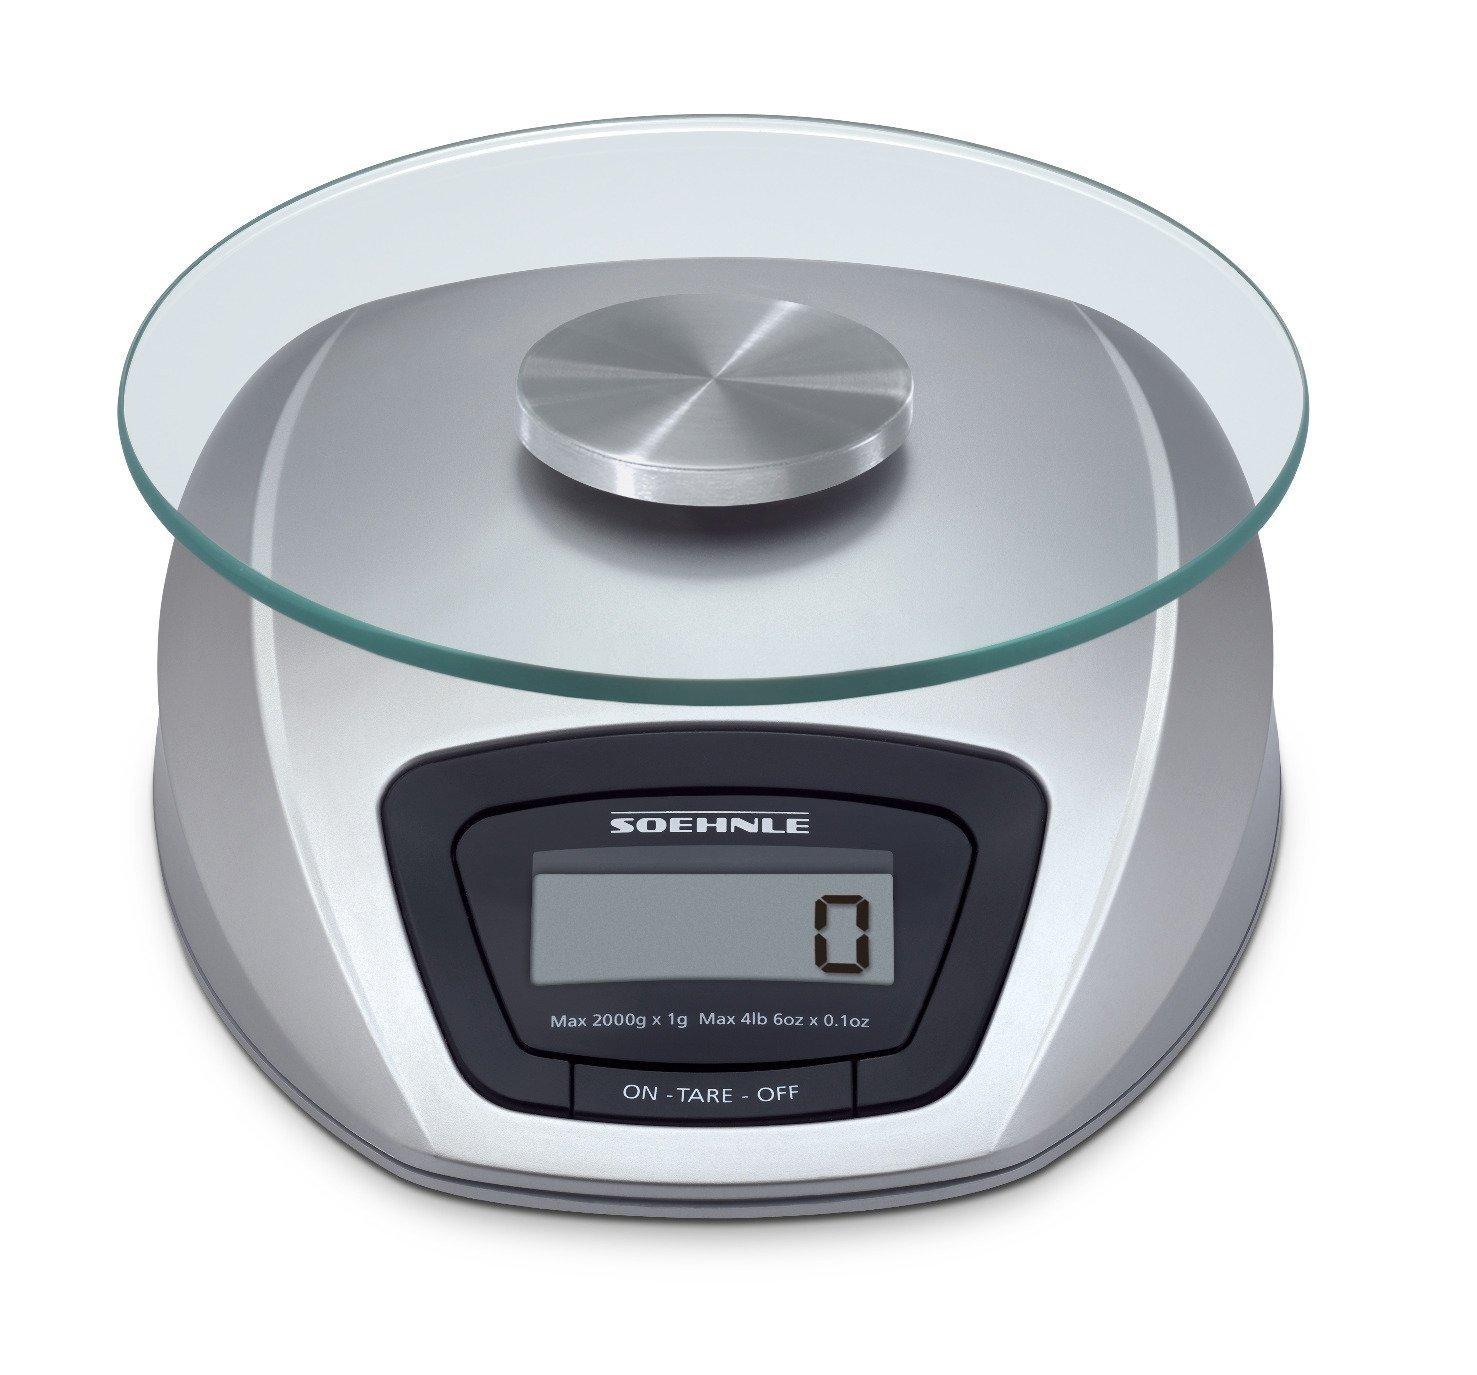 laica ks3010w bilancia elettronica da cucina digitale: amazon.it ... - Bilance Elettroniche Da Cucina